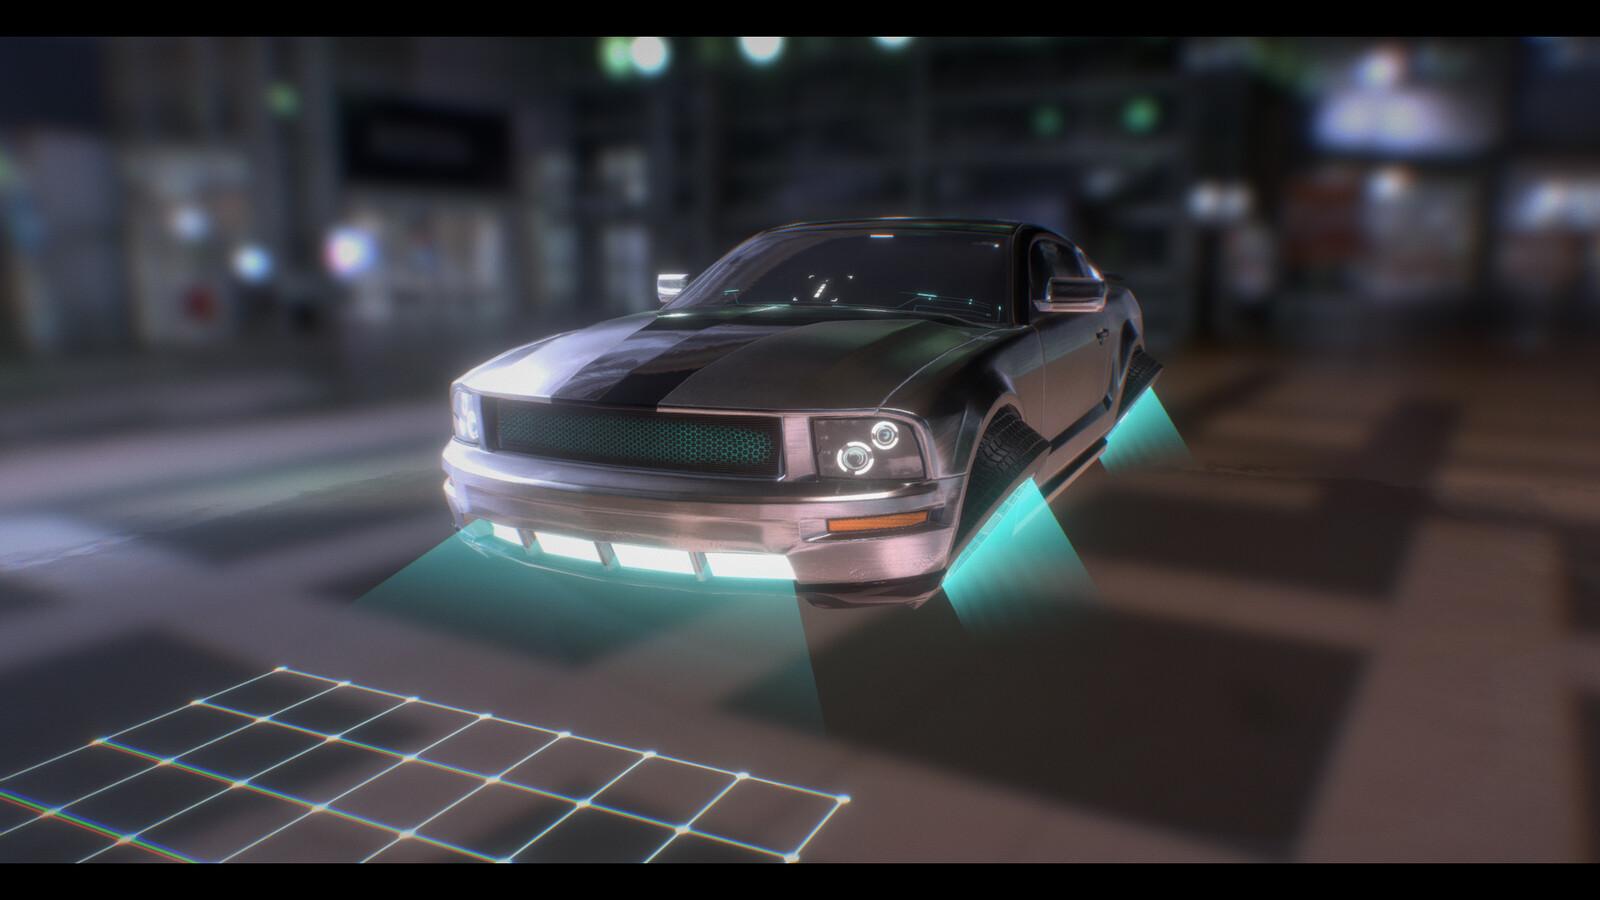 Sports Car Texturing Challenge - Sketchfab